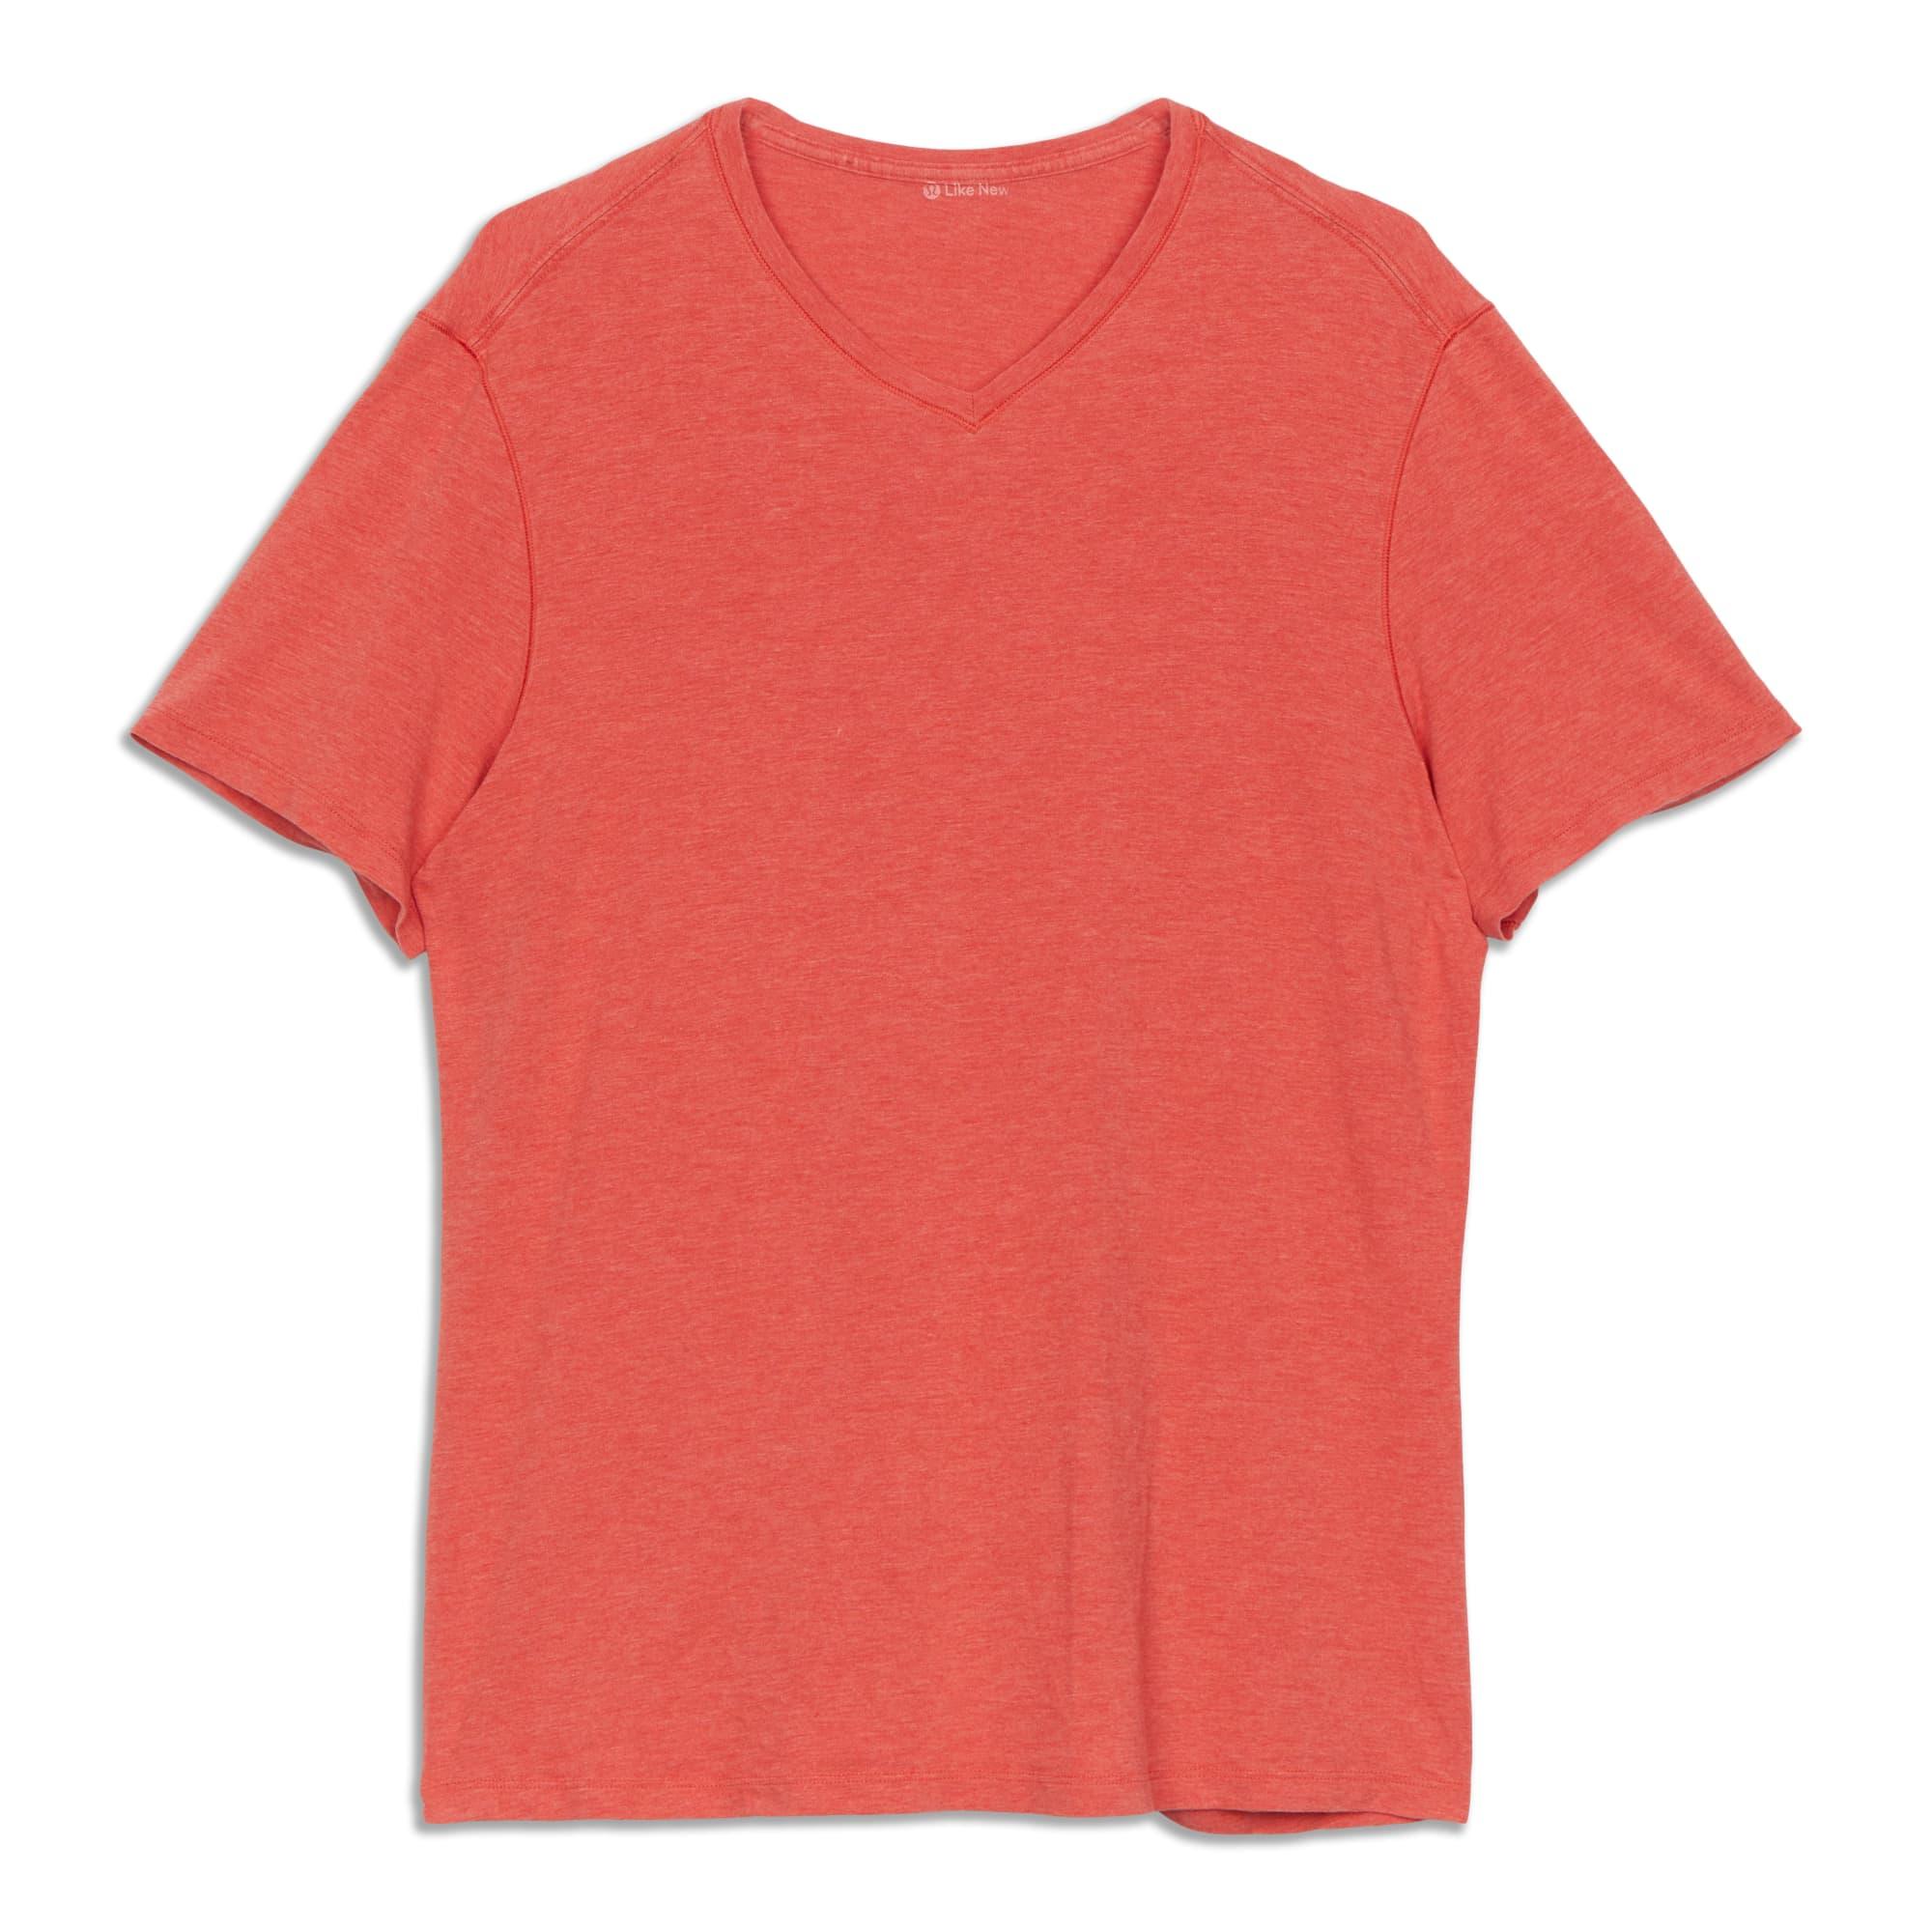 Main product image: 5 Year Basic V-Neck Shirt - Resale